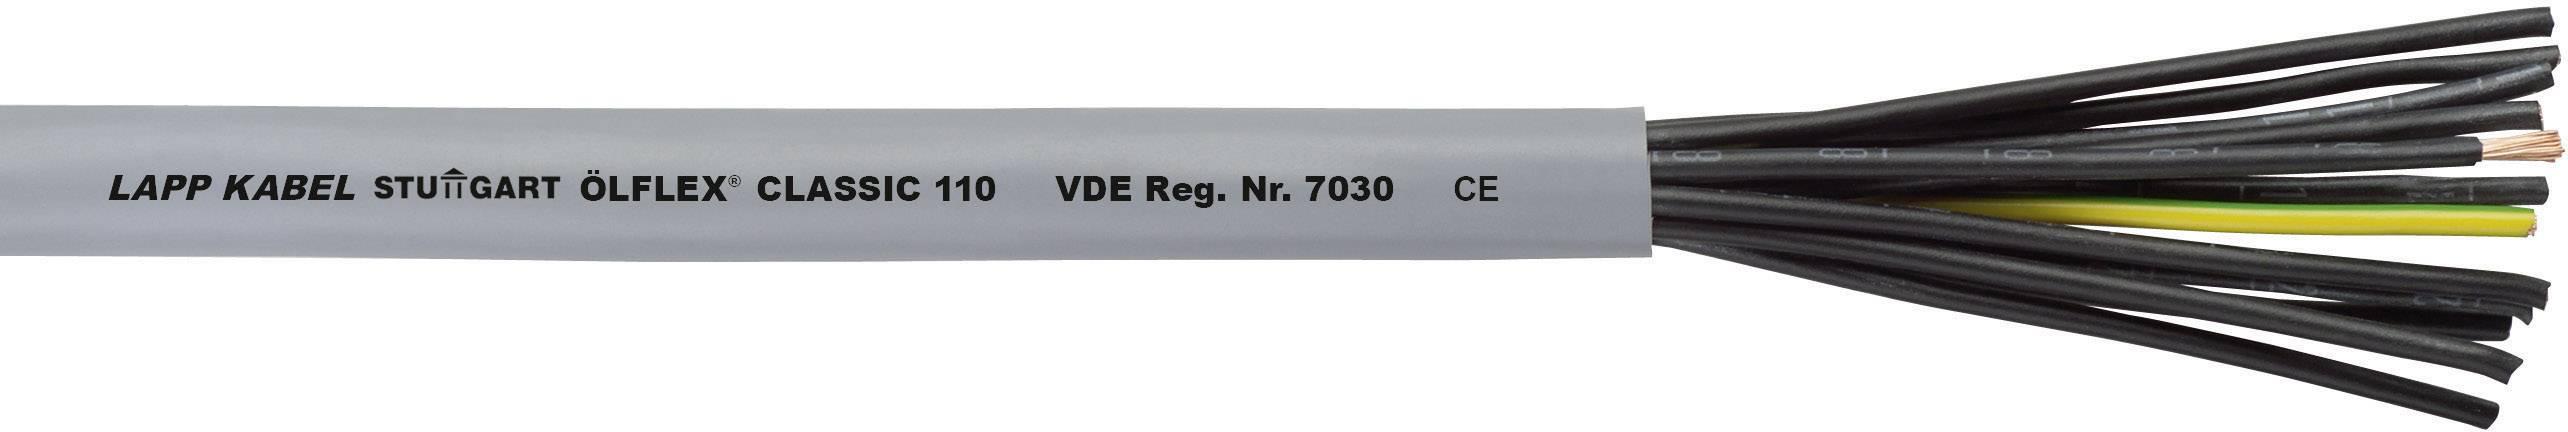 Riadiaci kábel LappKabel ÖLFLEX® CLASSIC 110 1119755, 5 x 0.50 mm², vonkajší Ø 6.20 mm, 500 V, metrový tovar, sivá